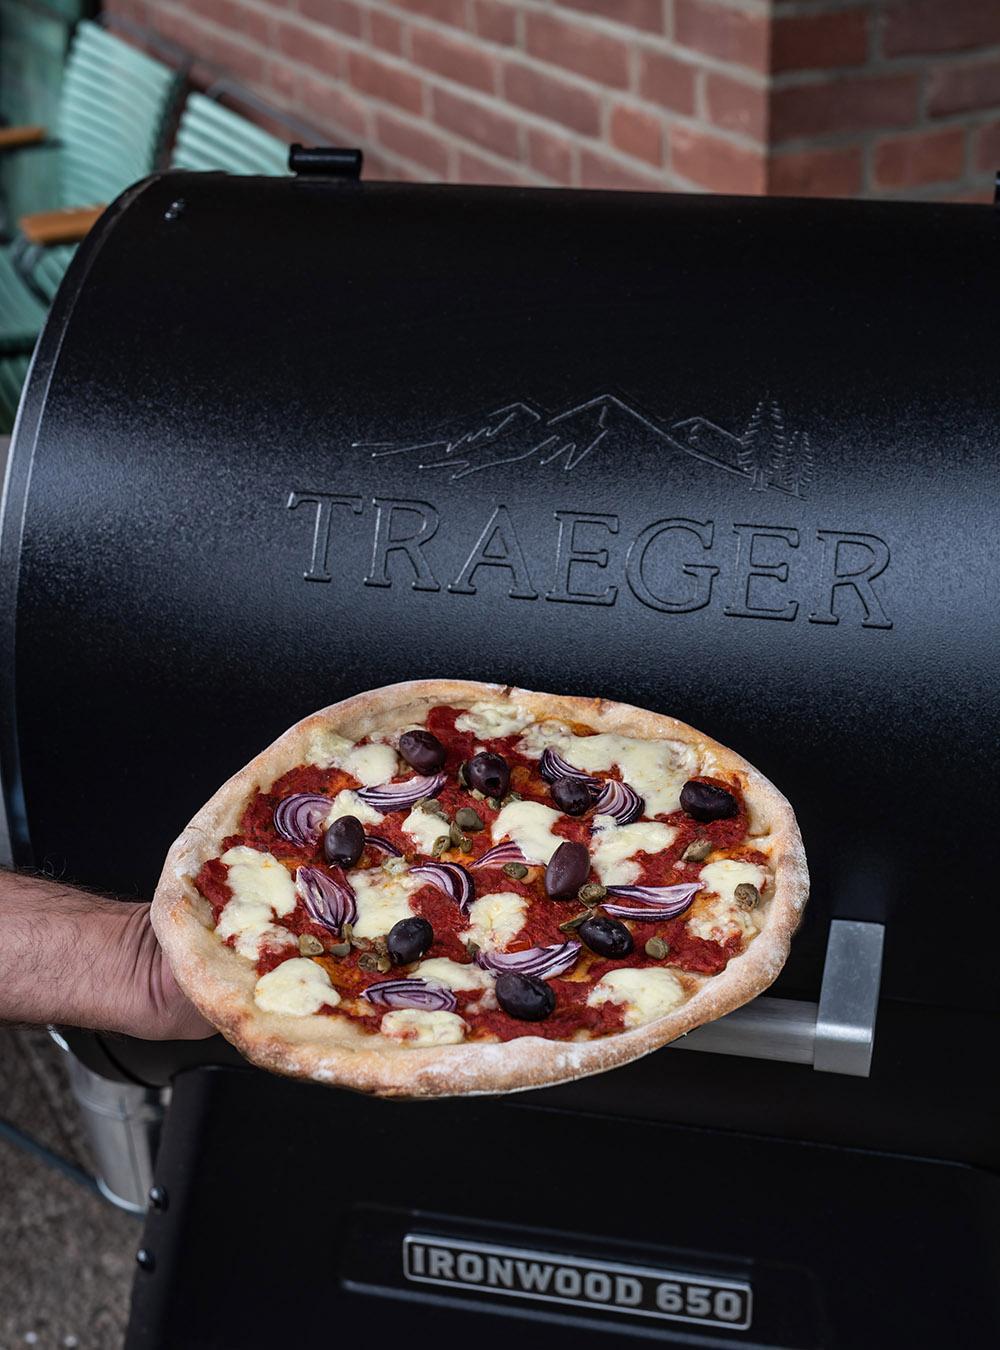 Italienische Pizza Pugliese vom Traeger Pellet Grill